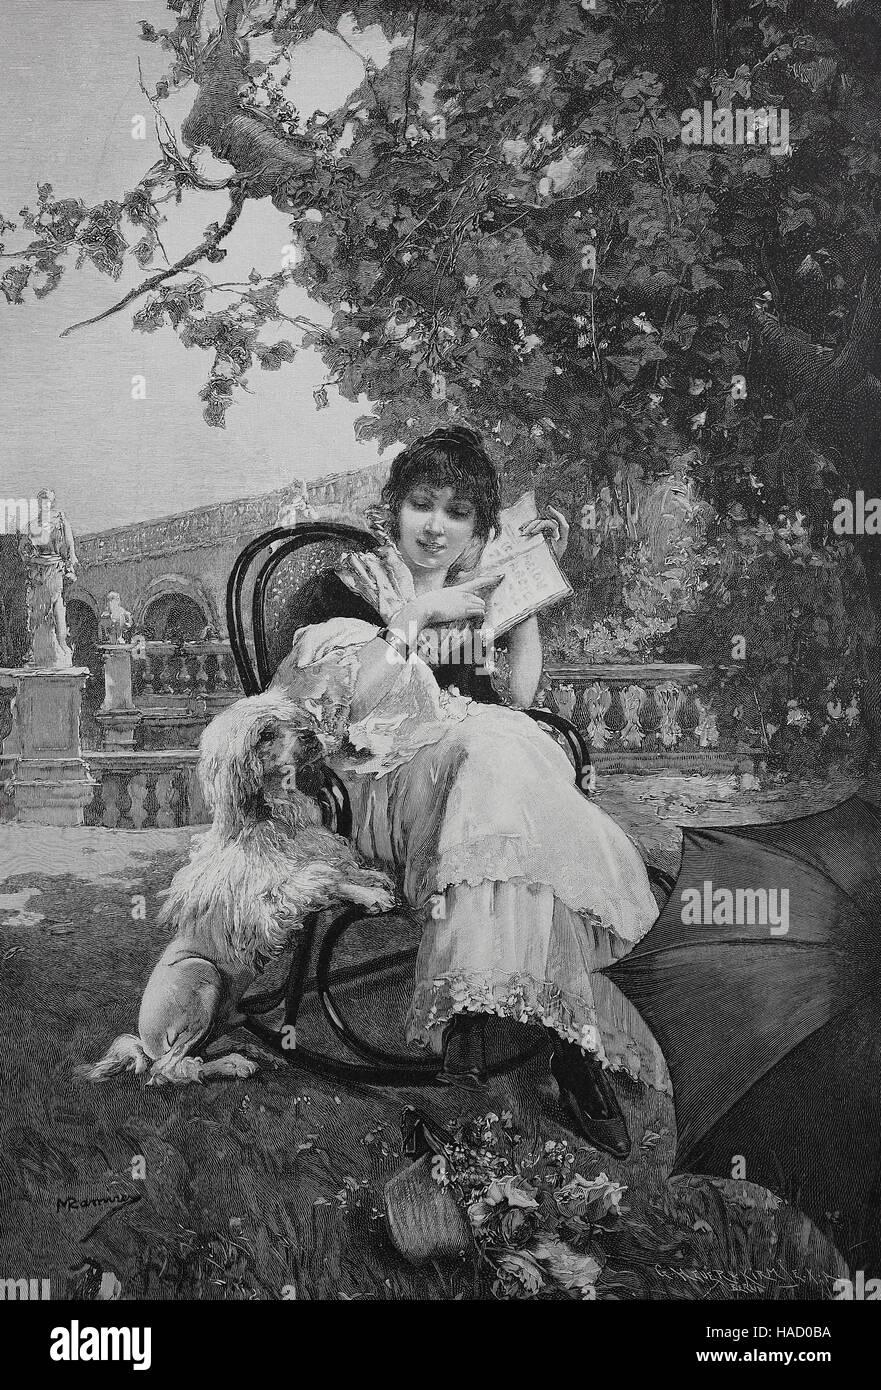 Junge Frau sitzt auf einem Stuhl versucht, Lehren ihren Hund lesen, Illustration veröffentlicht 1880 Stockbild